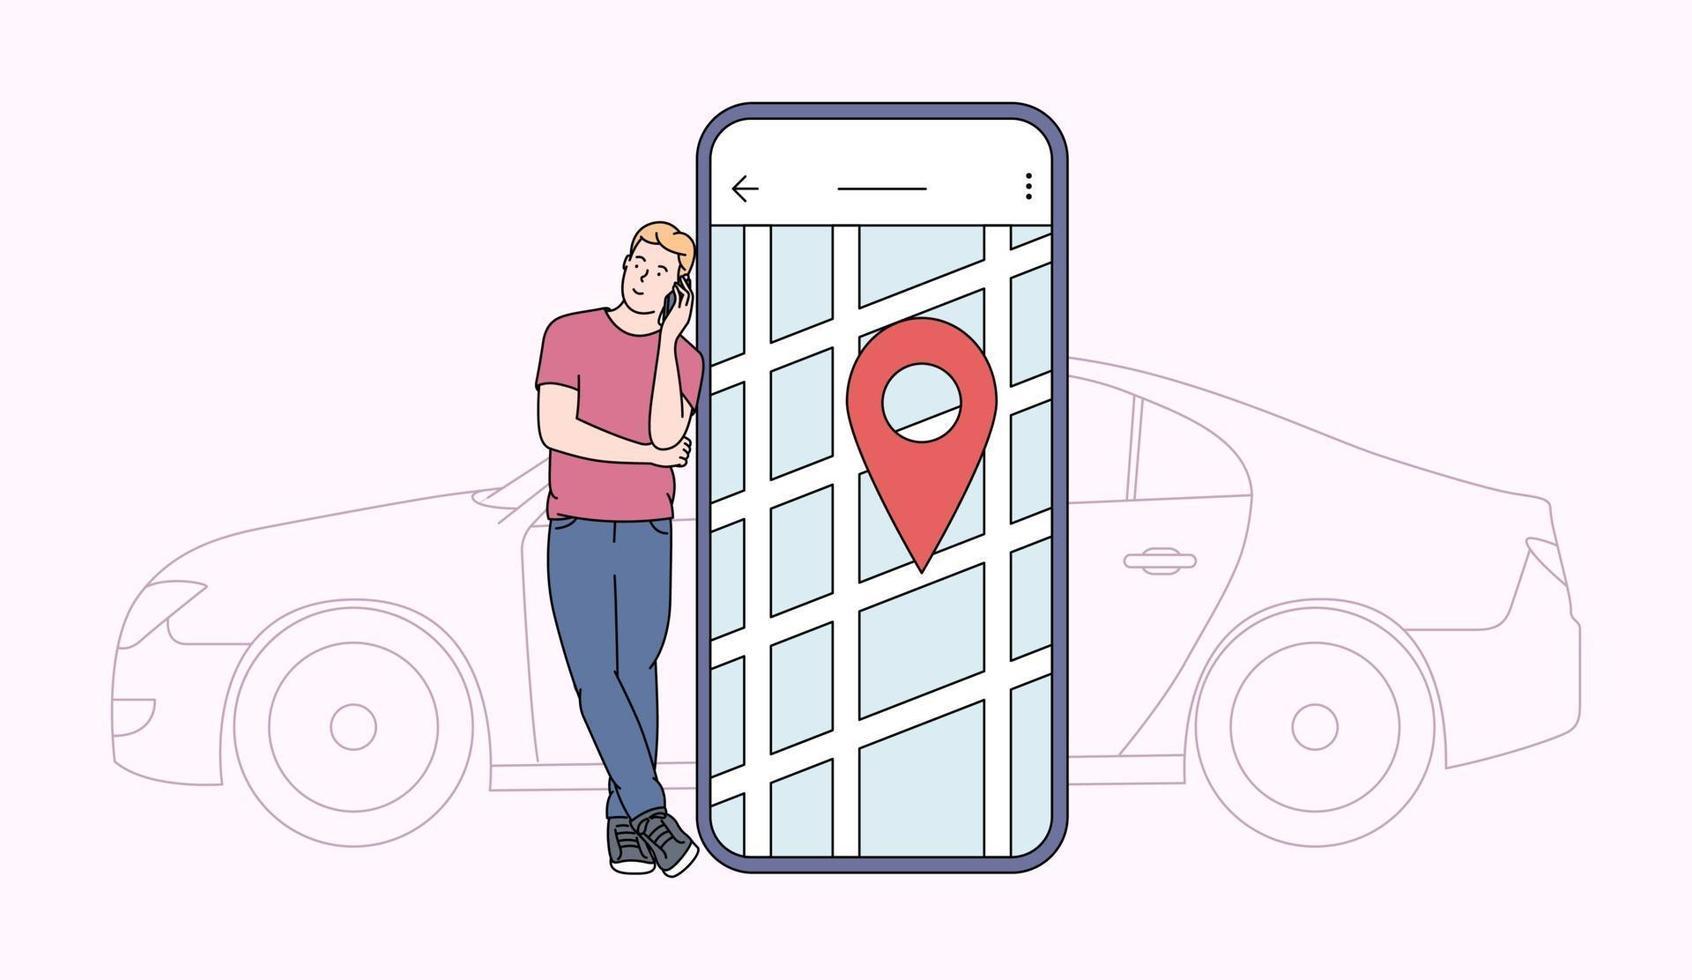 compartilhamento de carro e conceito de aplicativo online. jovem perto da tela do smartphone com rota e ponto de localização no mapa da cidade com o fundo do carro. ilustração vetorial plana vetor